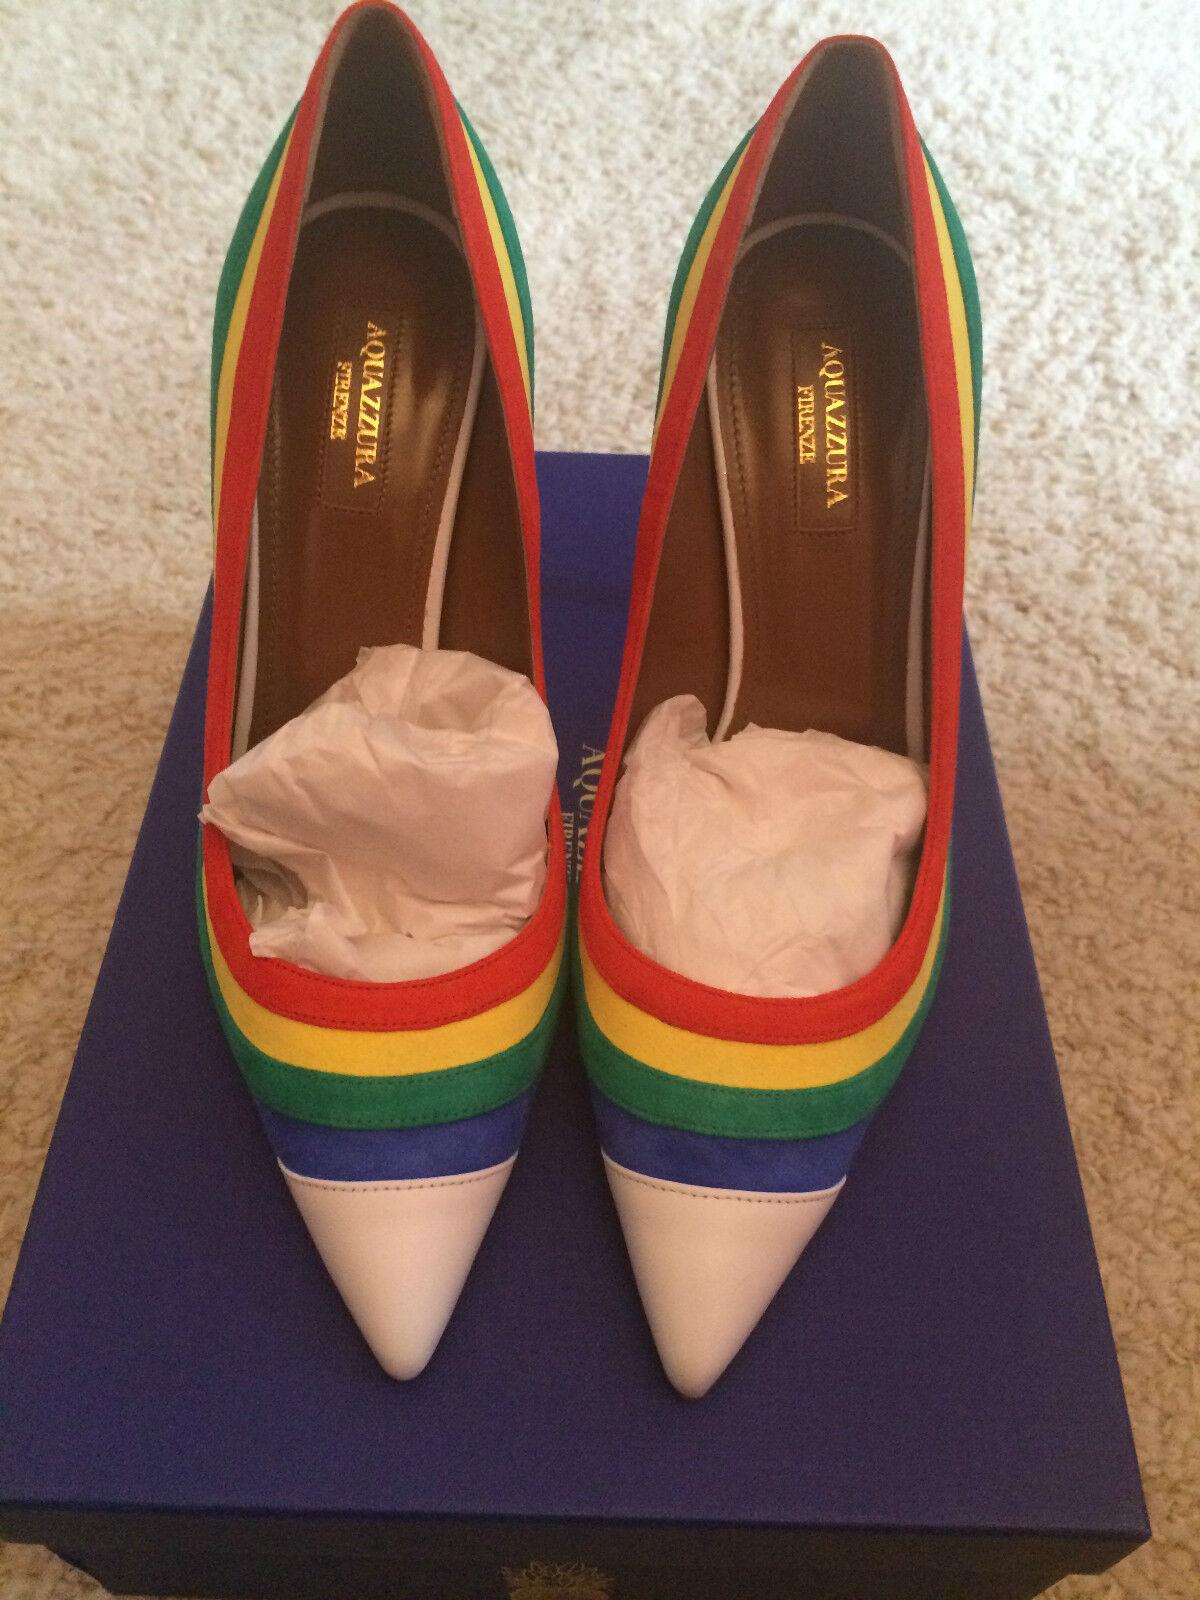 Descuento de liquidación AQUAZZURA Graphic Rainbow Striped Suede Pump Heels Shoes